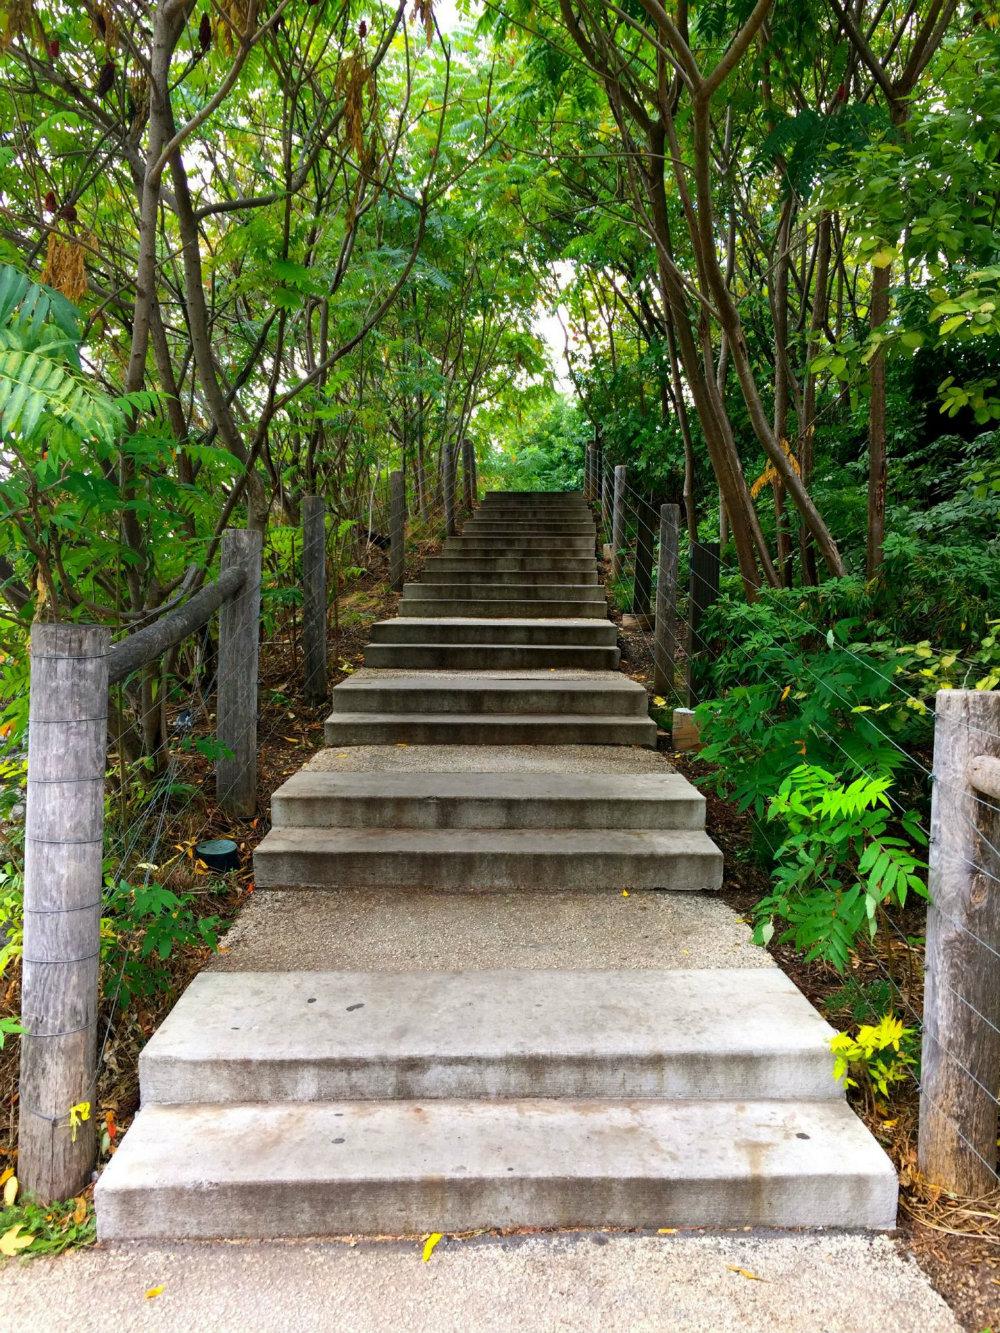 Stairway in the trees in Brooklyn Bridge Park.